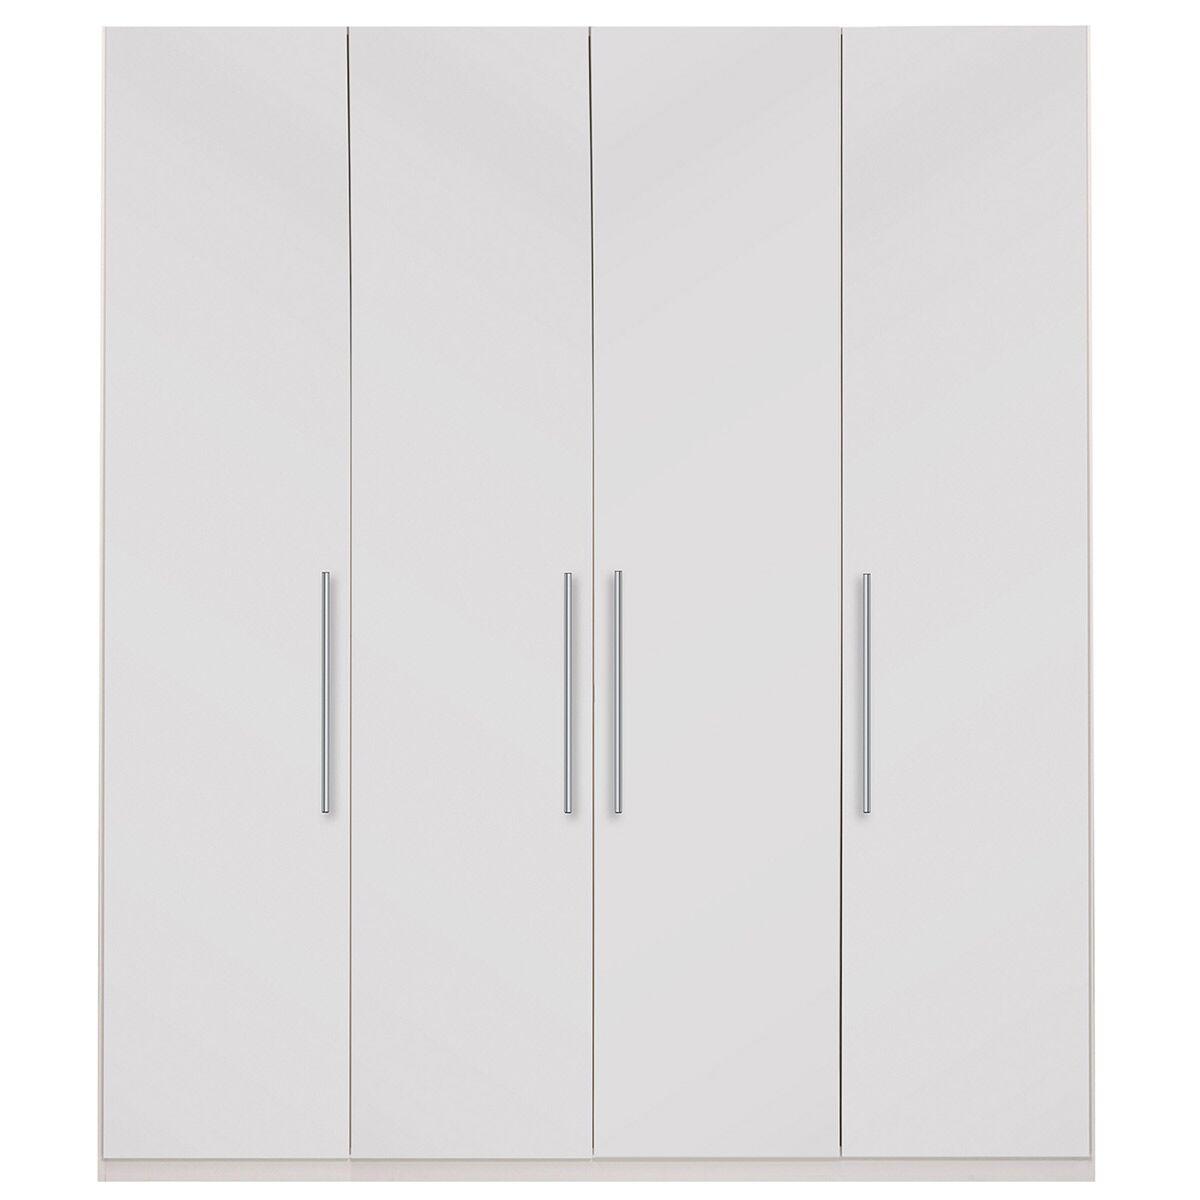 Optimeo Armoire Color: White Matte